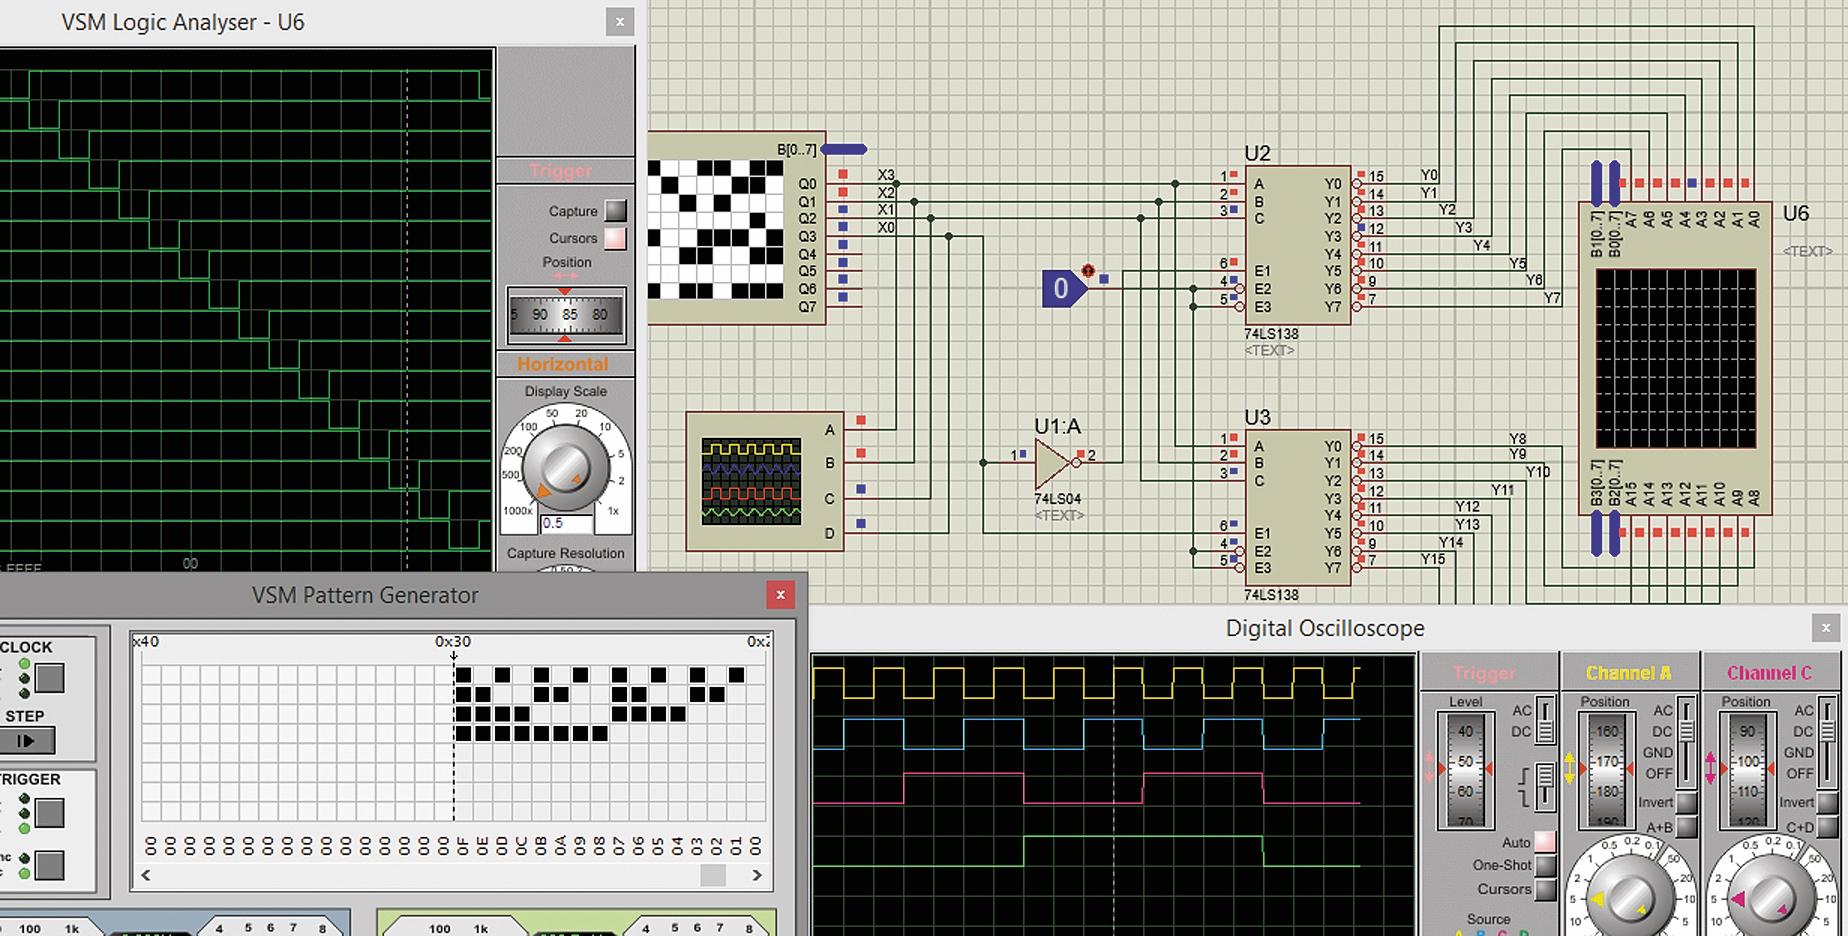 Тестирование схемы четырехвходового дешифратора на 16 выходов, разработанного на базе микросхем 74LS138